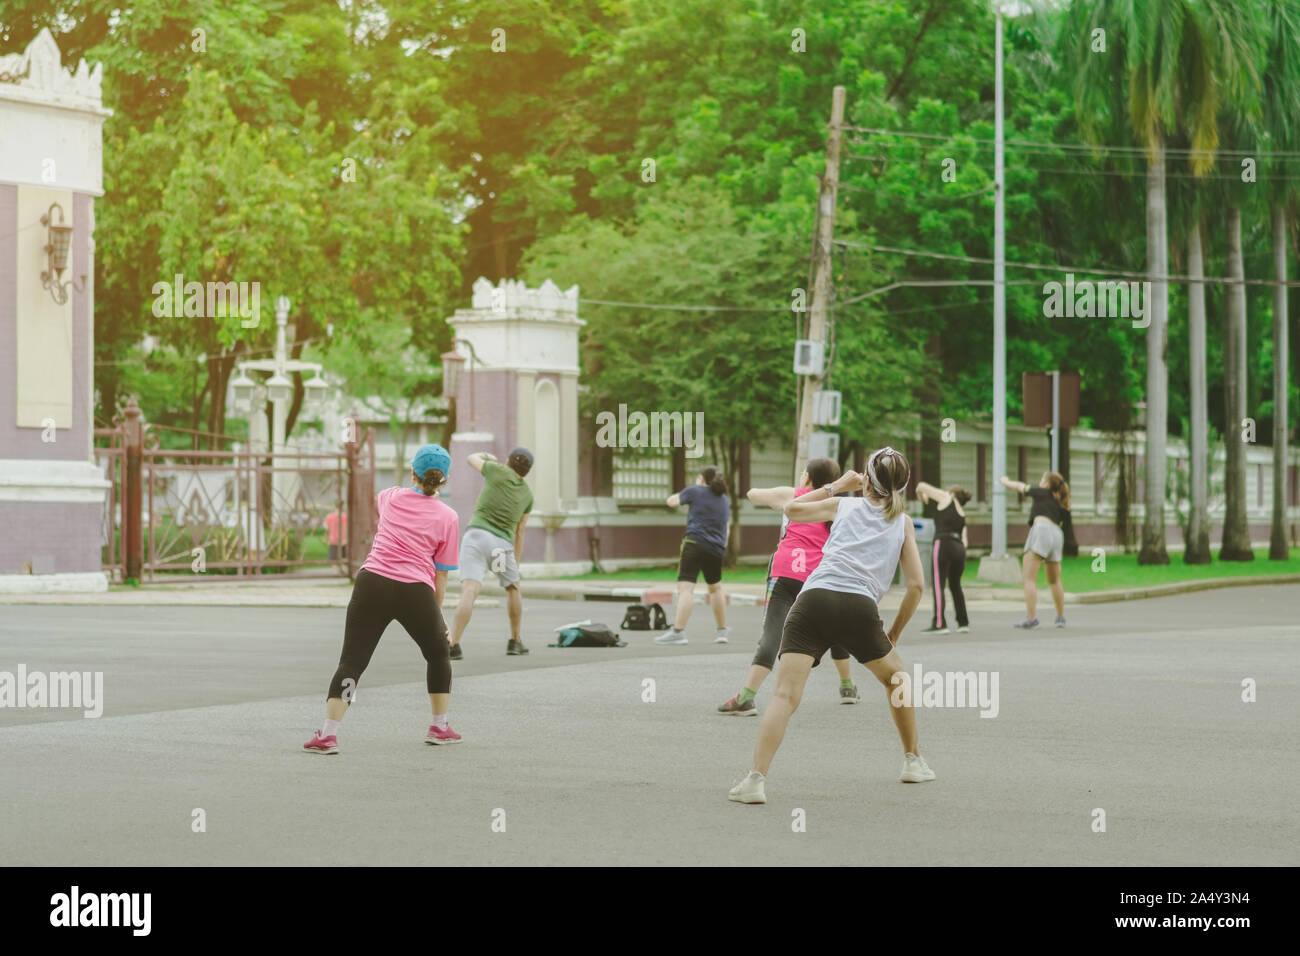 Grupo de ancianos amigo haciendo danza aeróbica después de trabajar juntos en el Parque Lumpini en Bangkok, Tailandia. Foto de stock